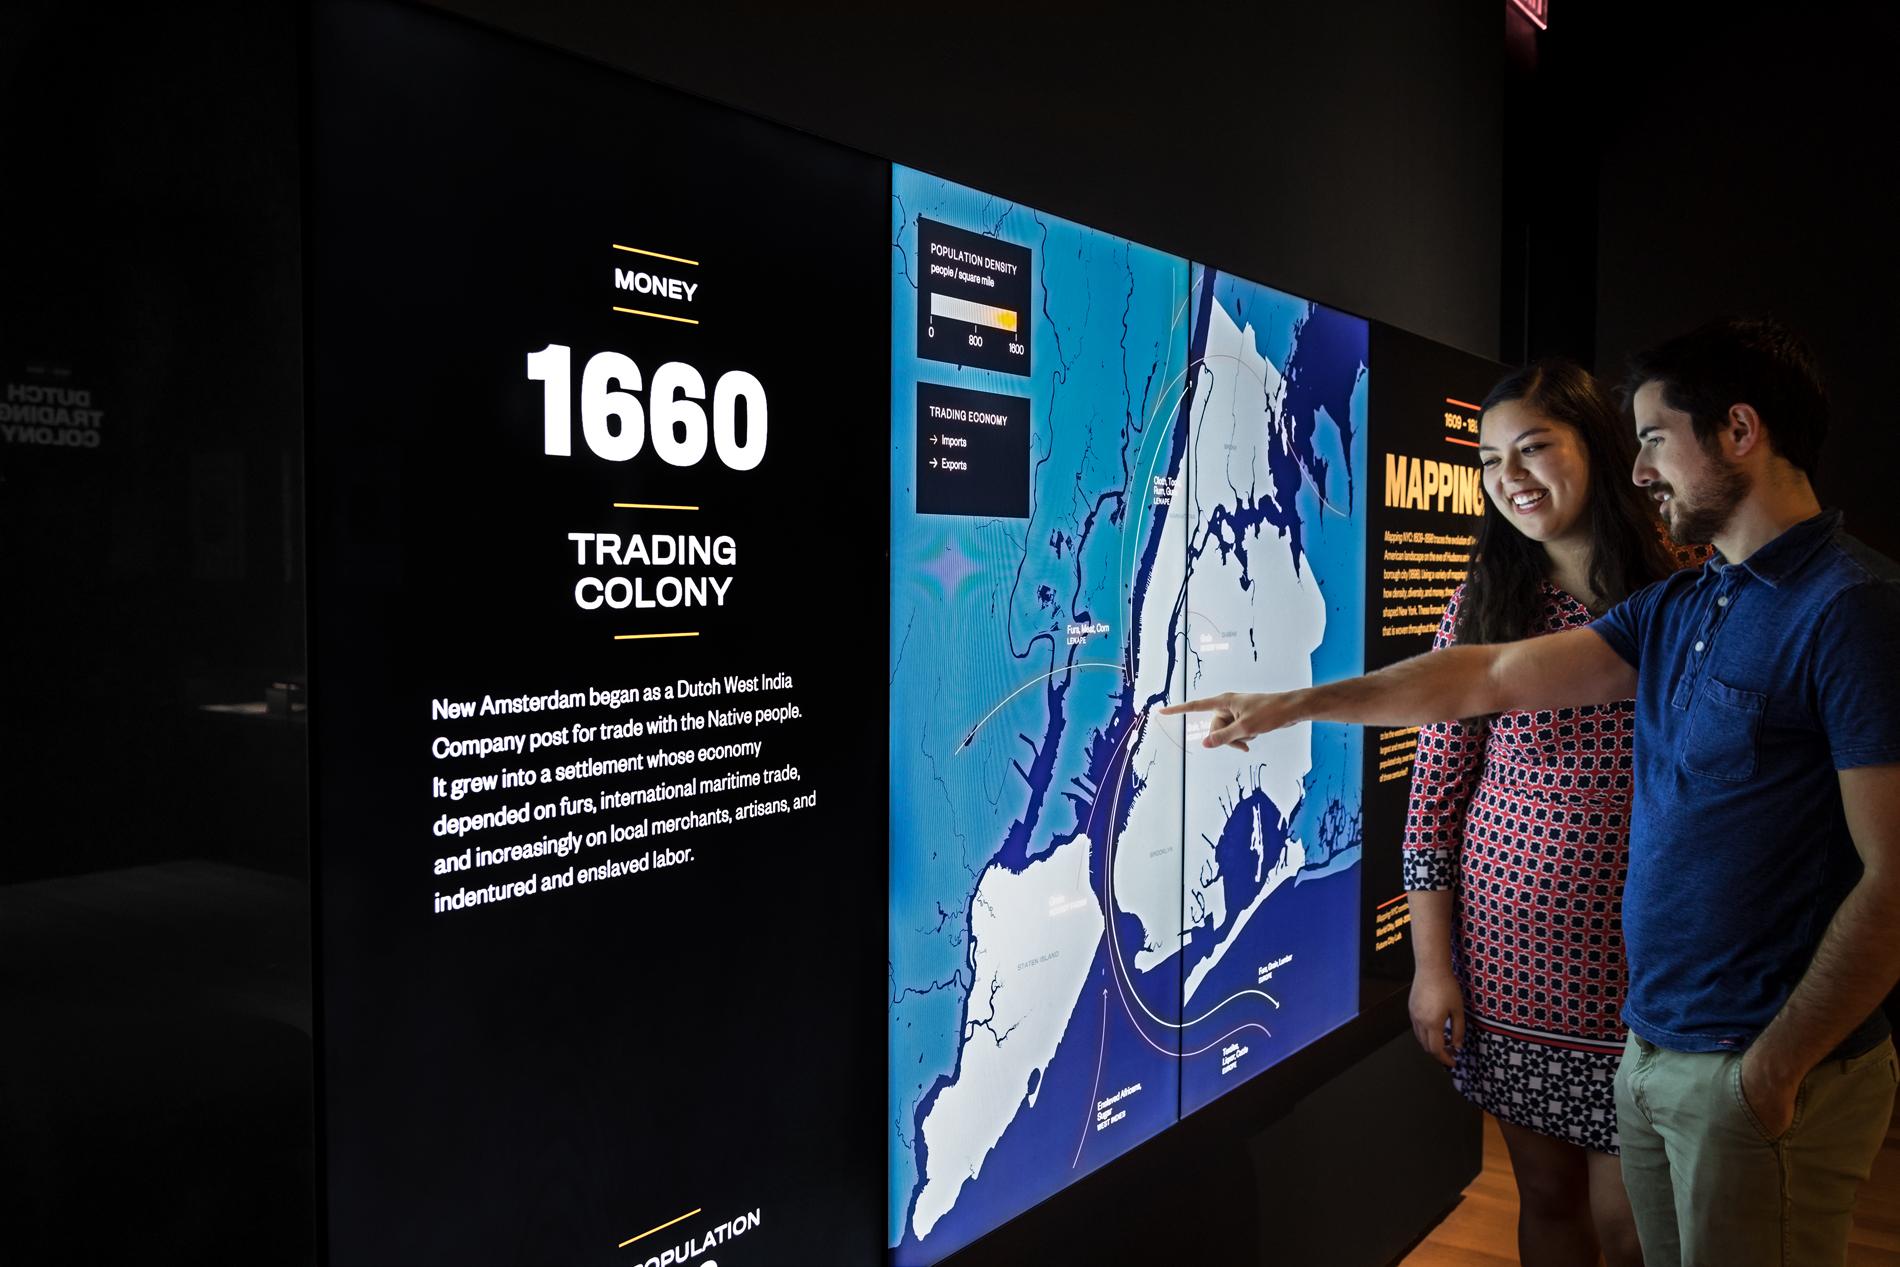 Deux visiteurs indiquent des détails sur un écran dans un espace d'exposition